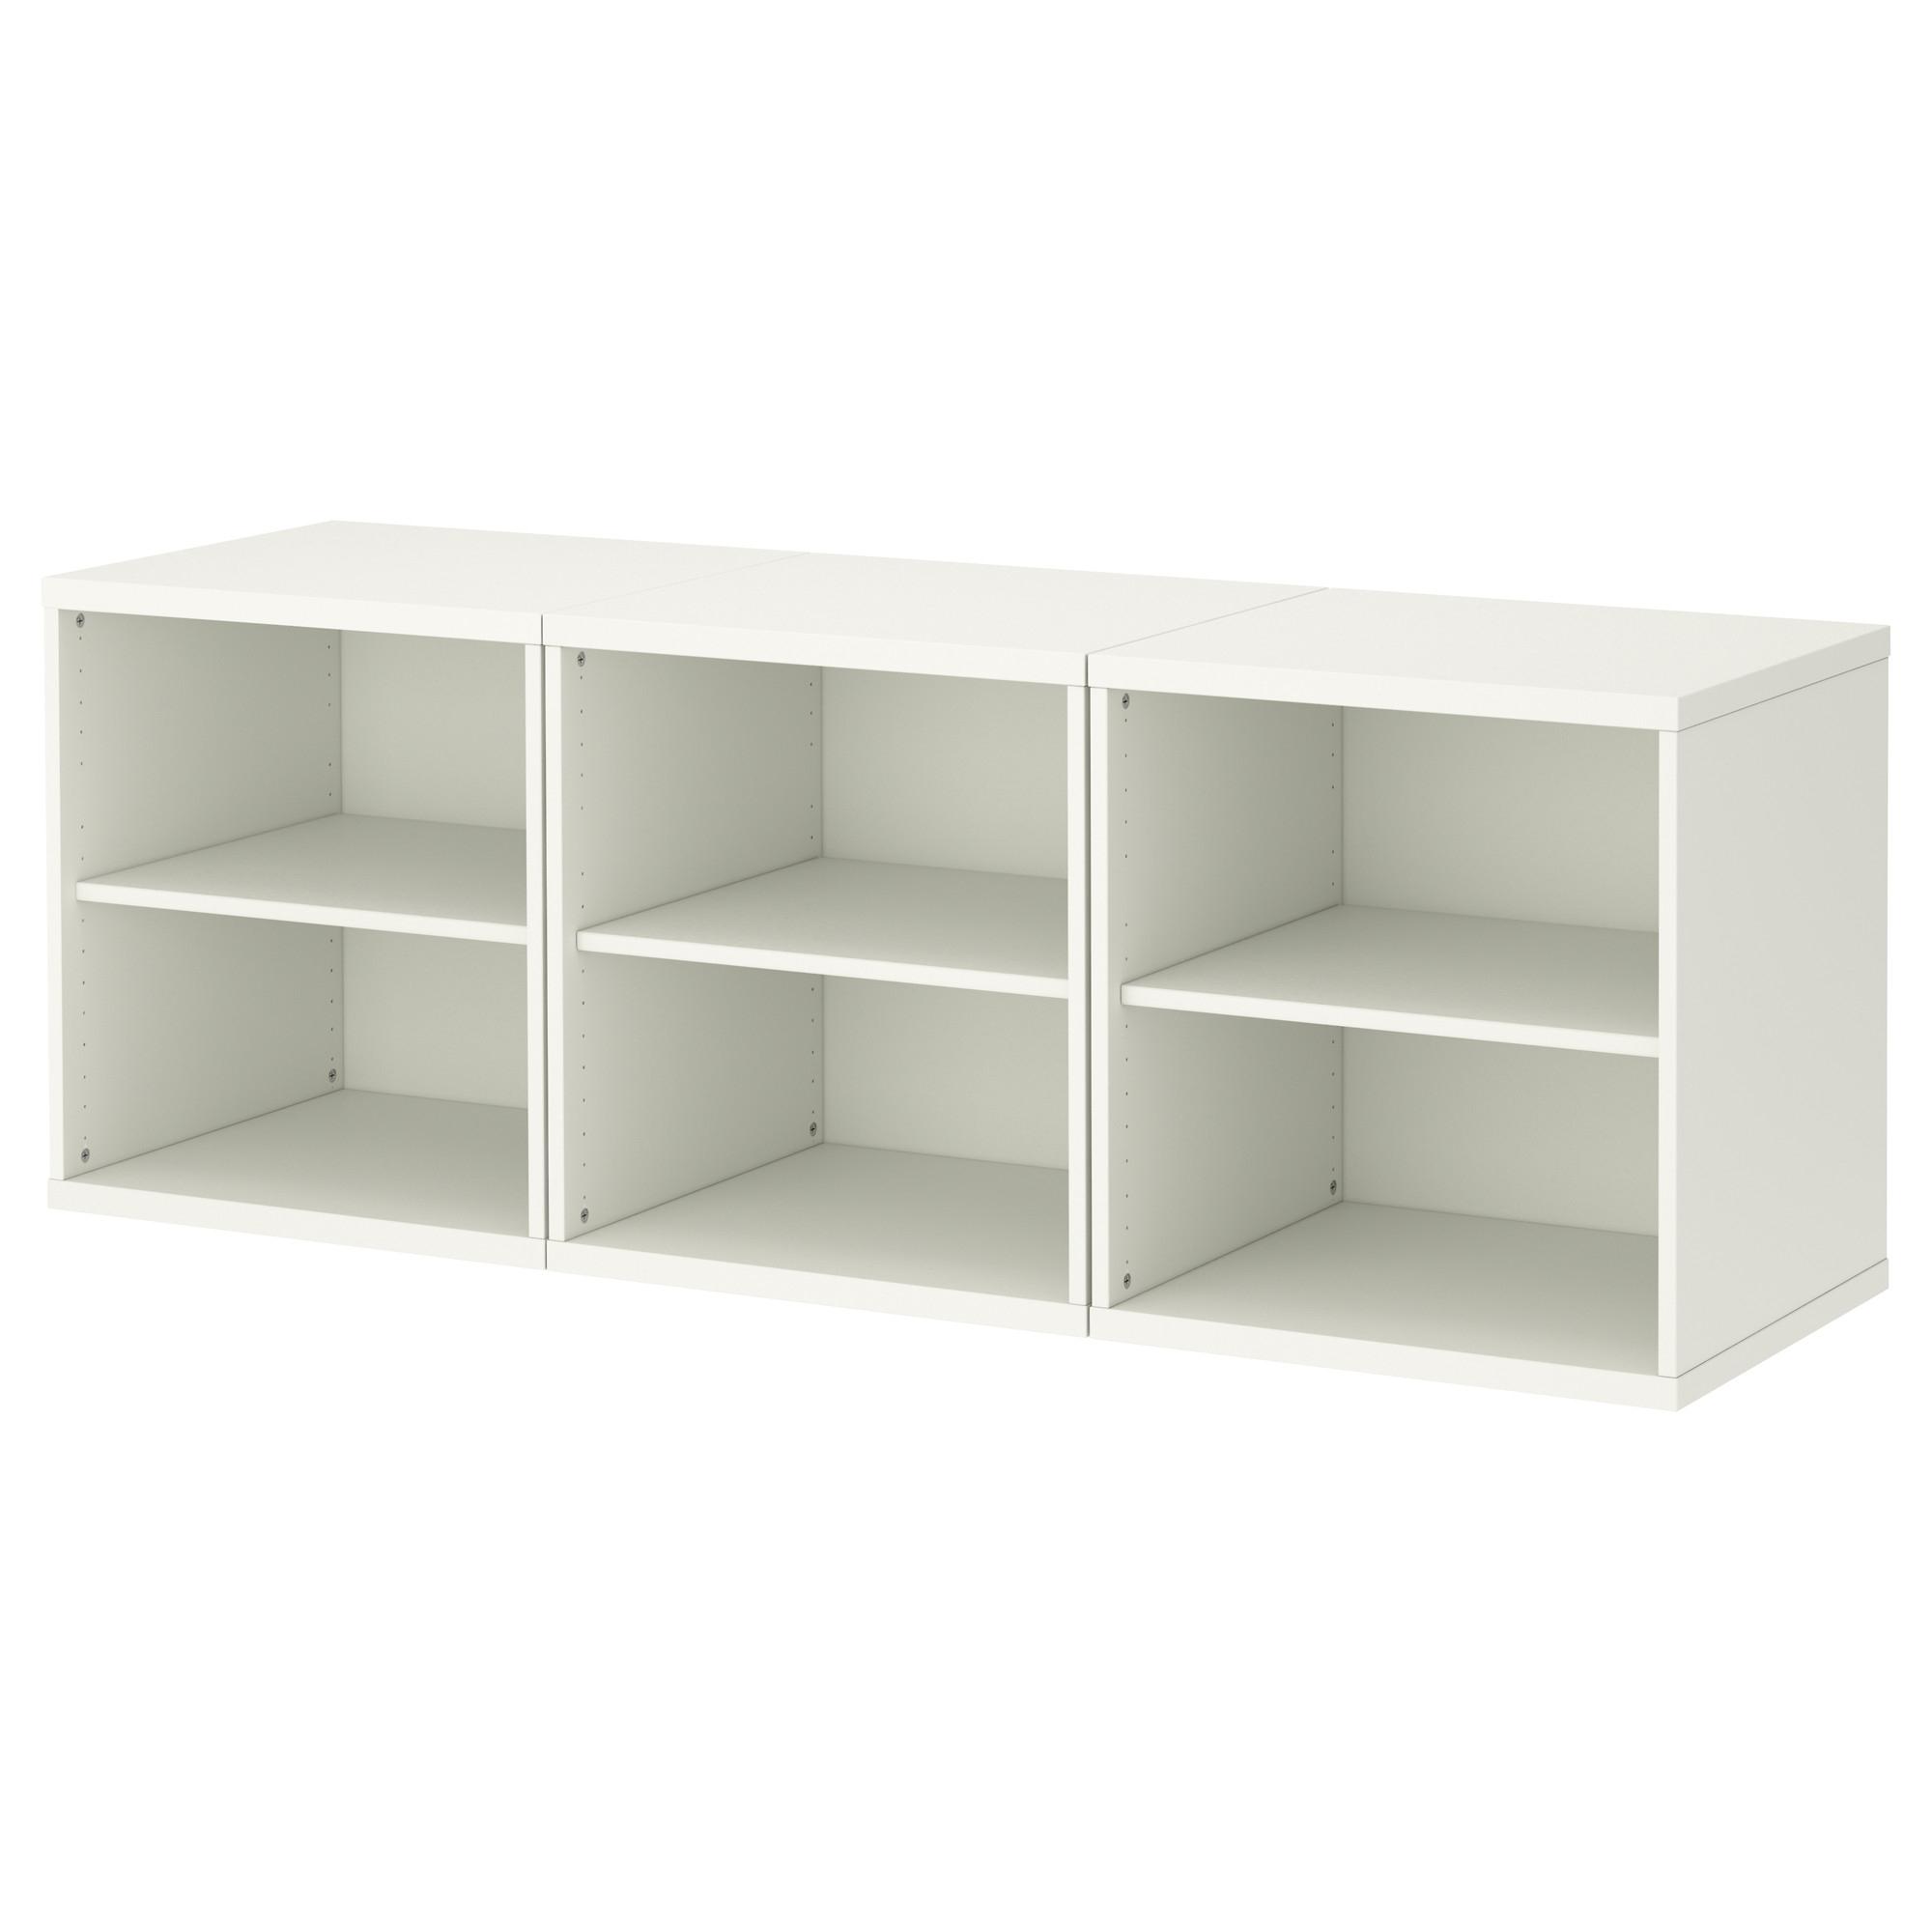 Stuva combinaci n de almacenaje estantes for Muebles almacenaje ikea